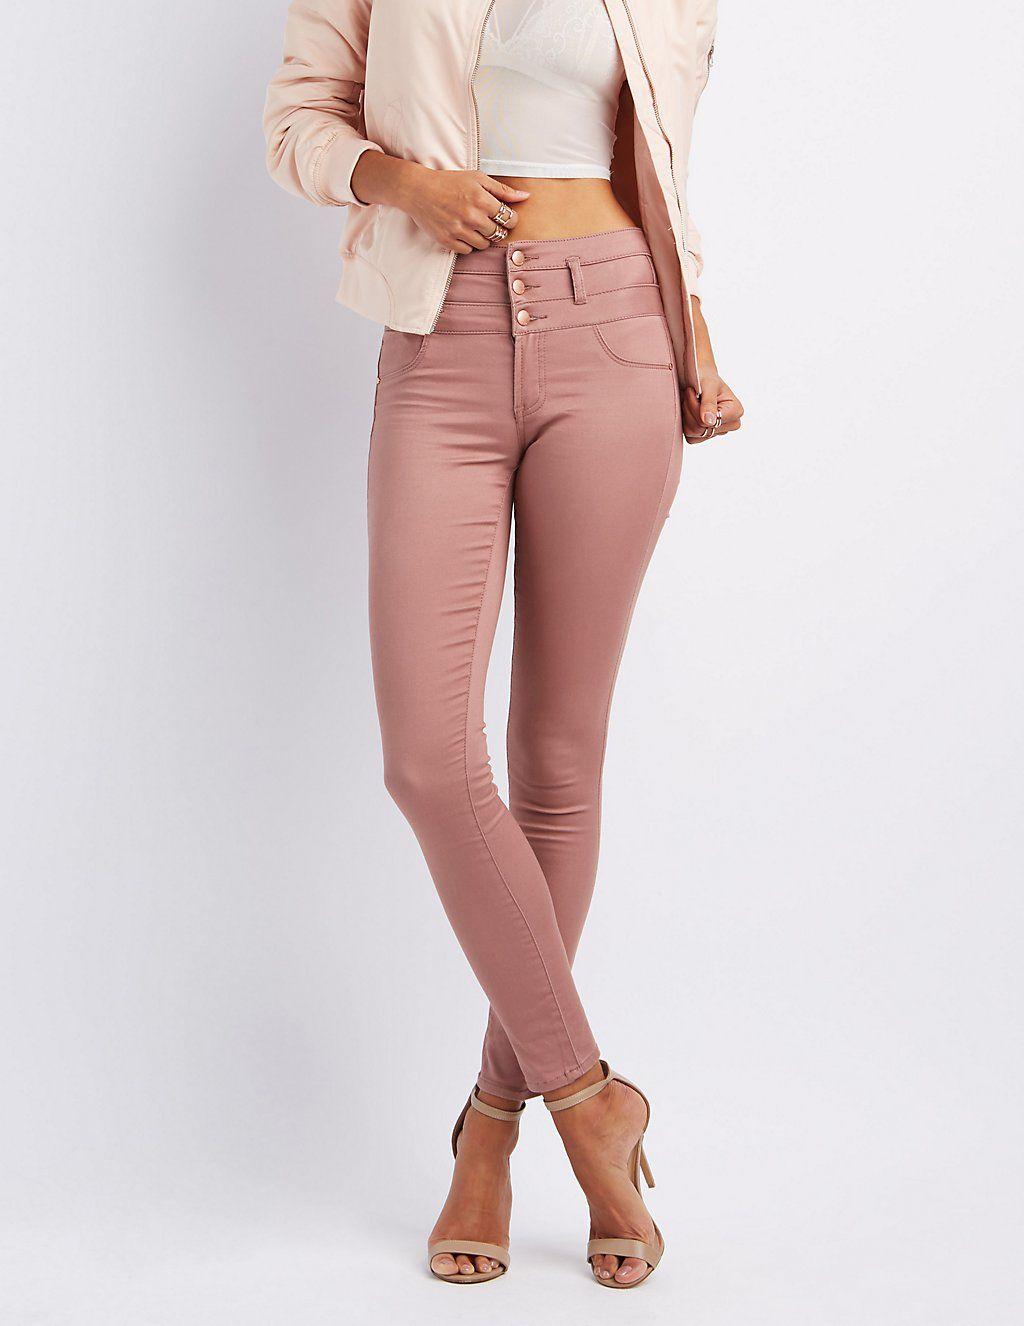 Refuge Hi Waist Skinny Jeans Charlotte Russe Skinny Jeans Skinny High Waisted Skinny Jeans